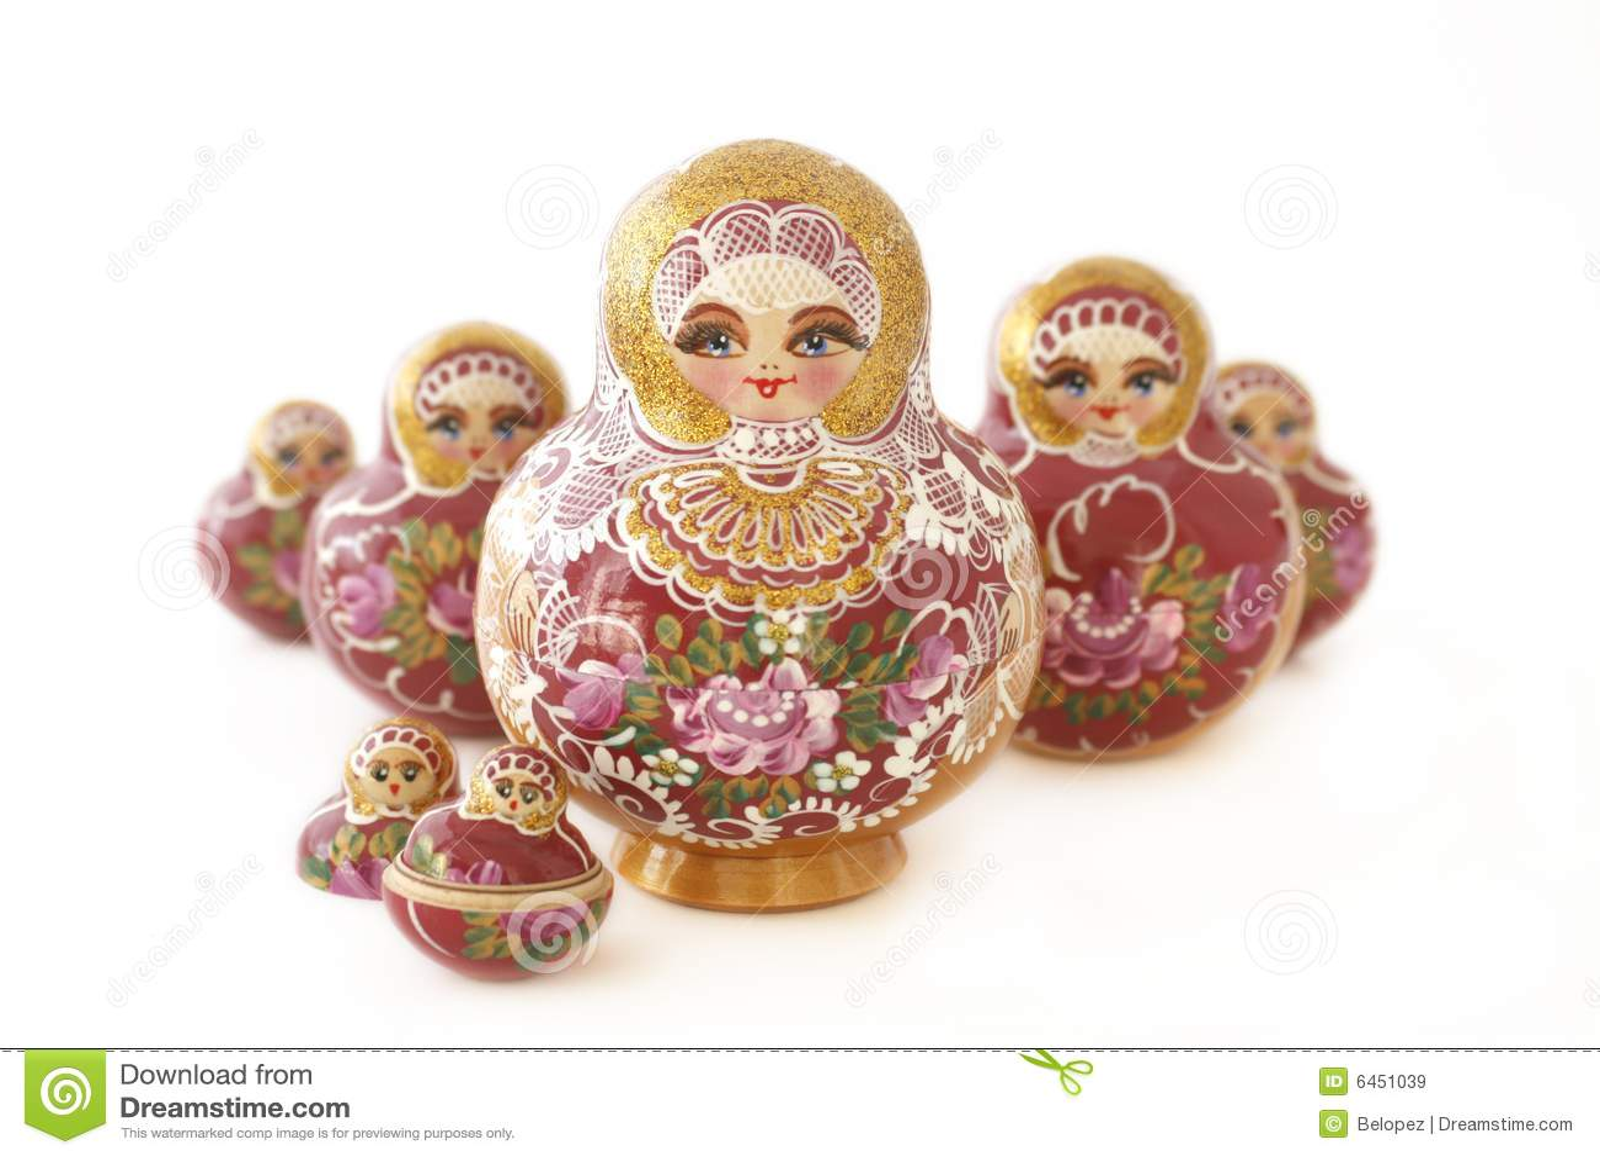 Bonecas do russo em um v-shape